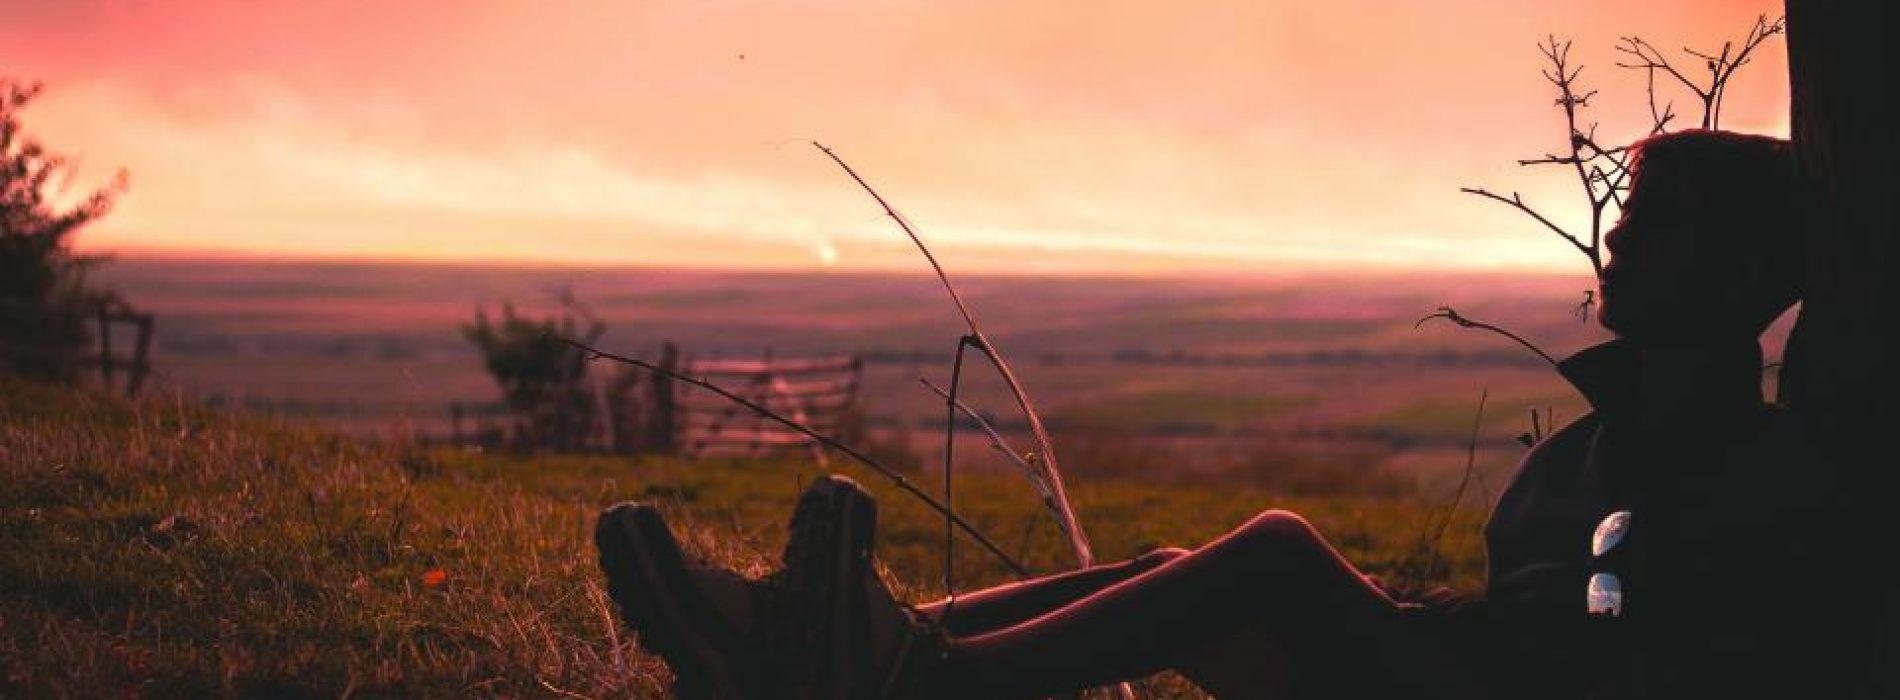 Науката говори: 5 начина, чрез които може да си починете активно (без да ви коства много или да изисква голяма отпуска)